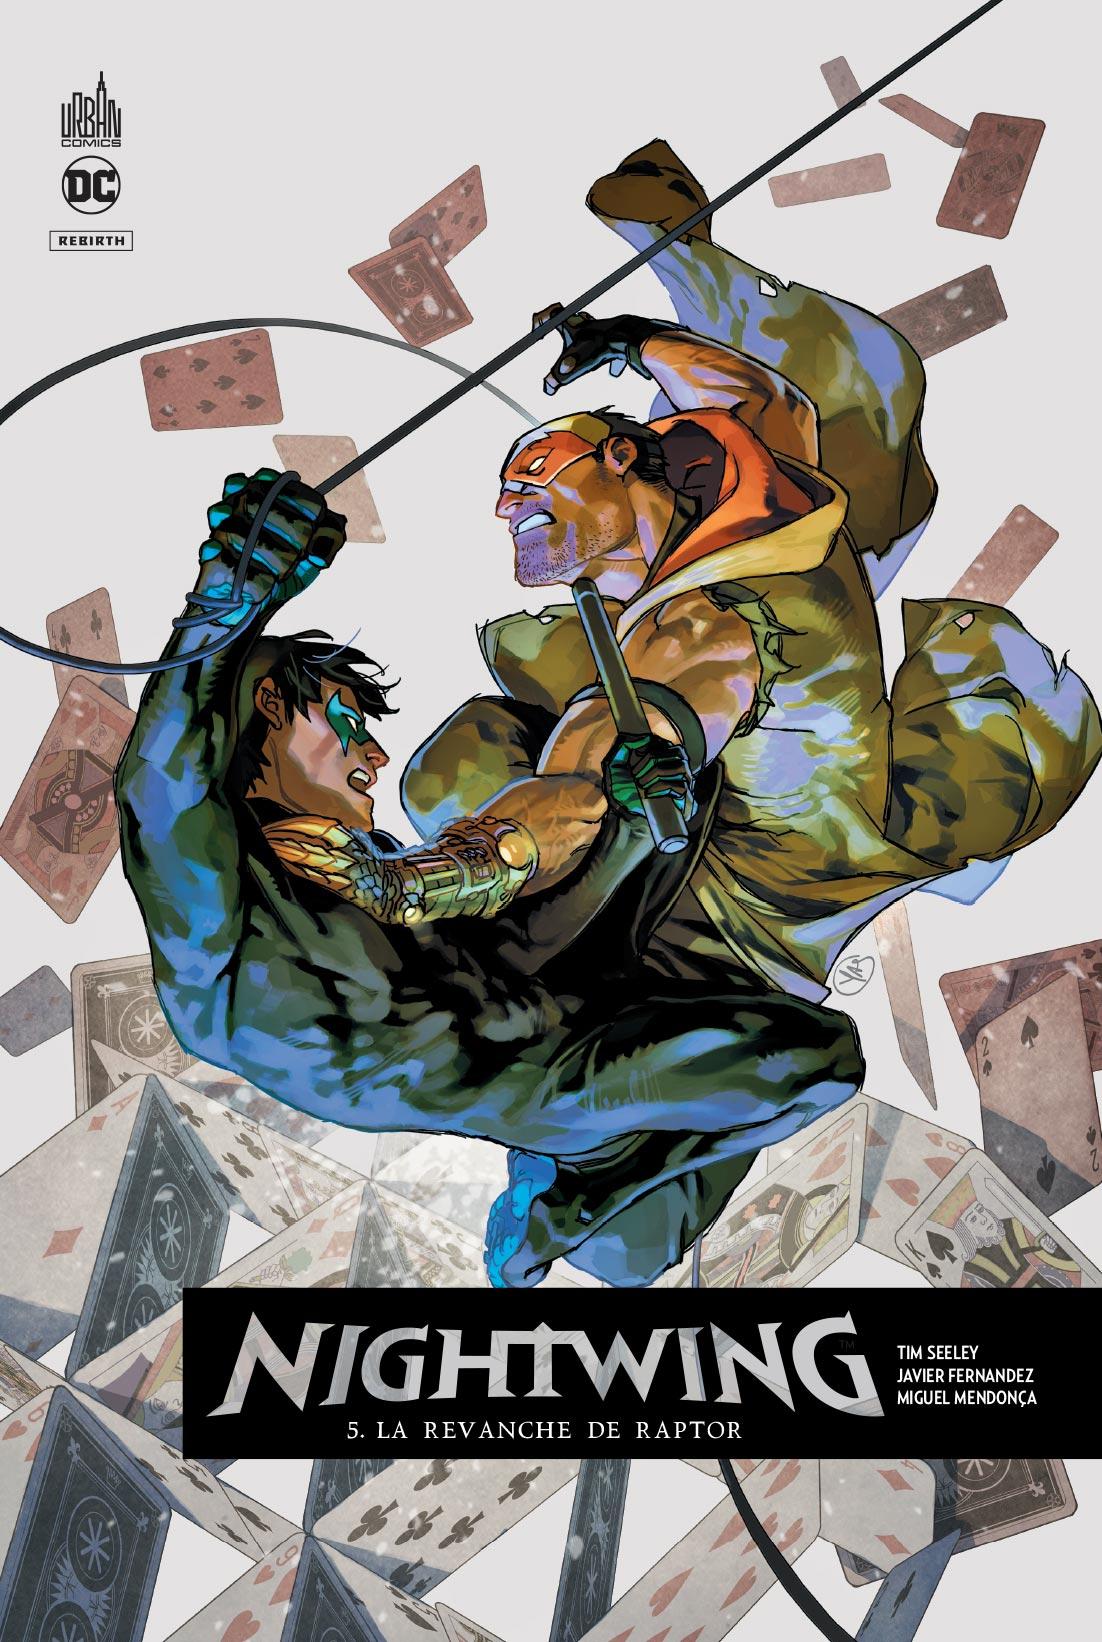 Nightwing Rebirth 5 - La revanche de Raptor